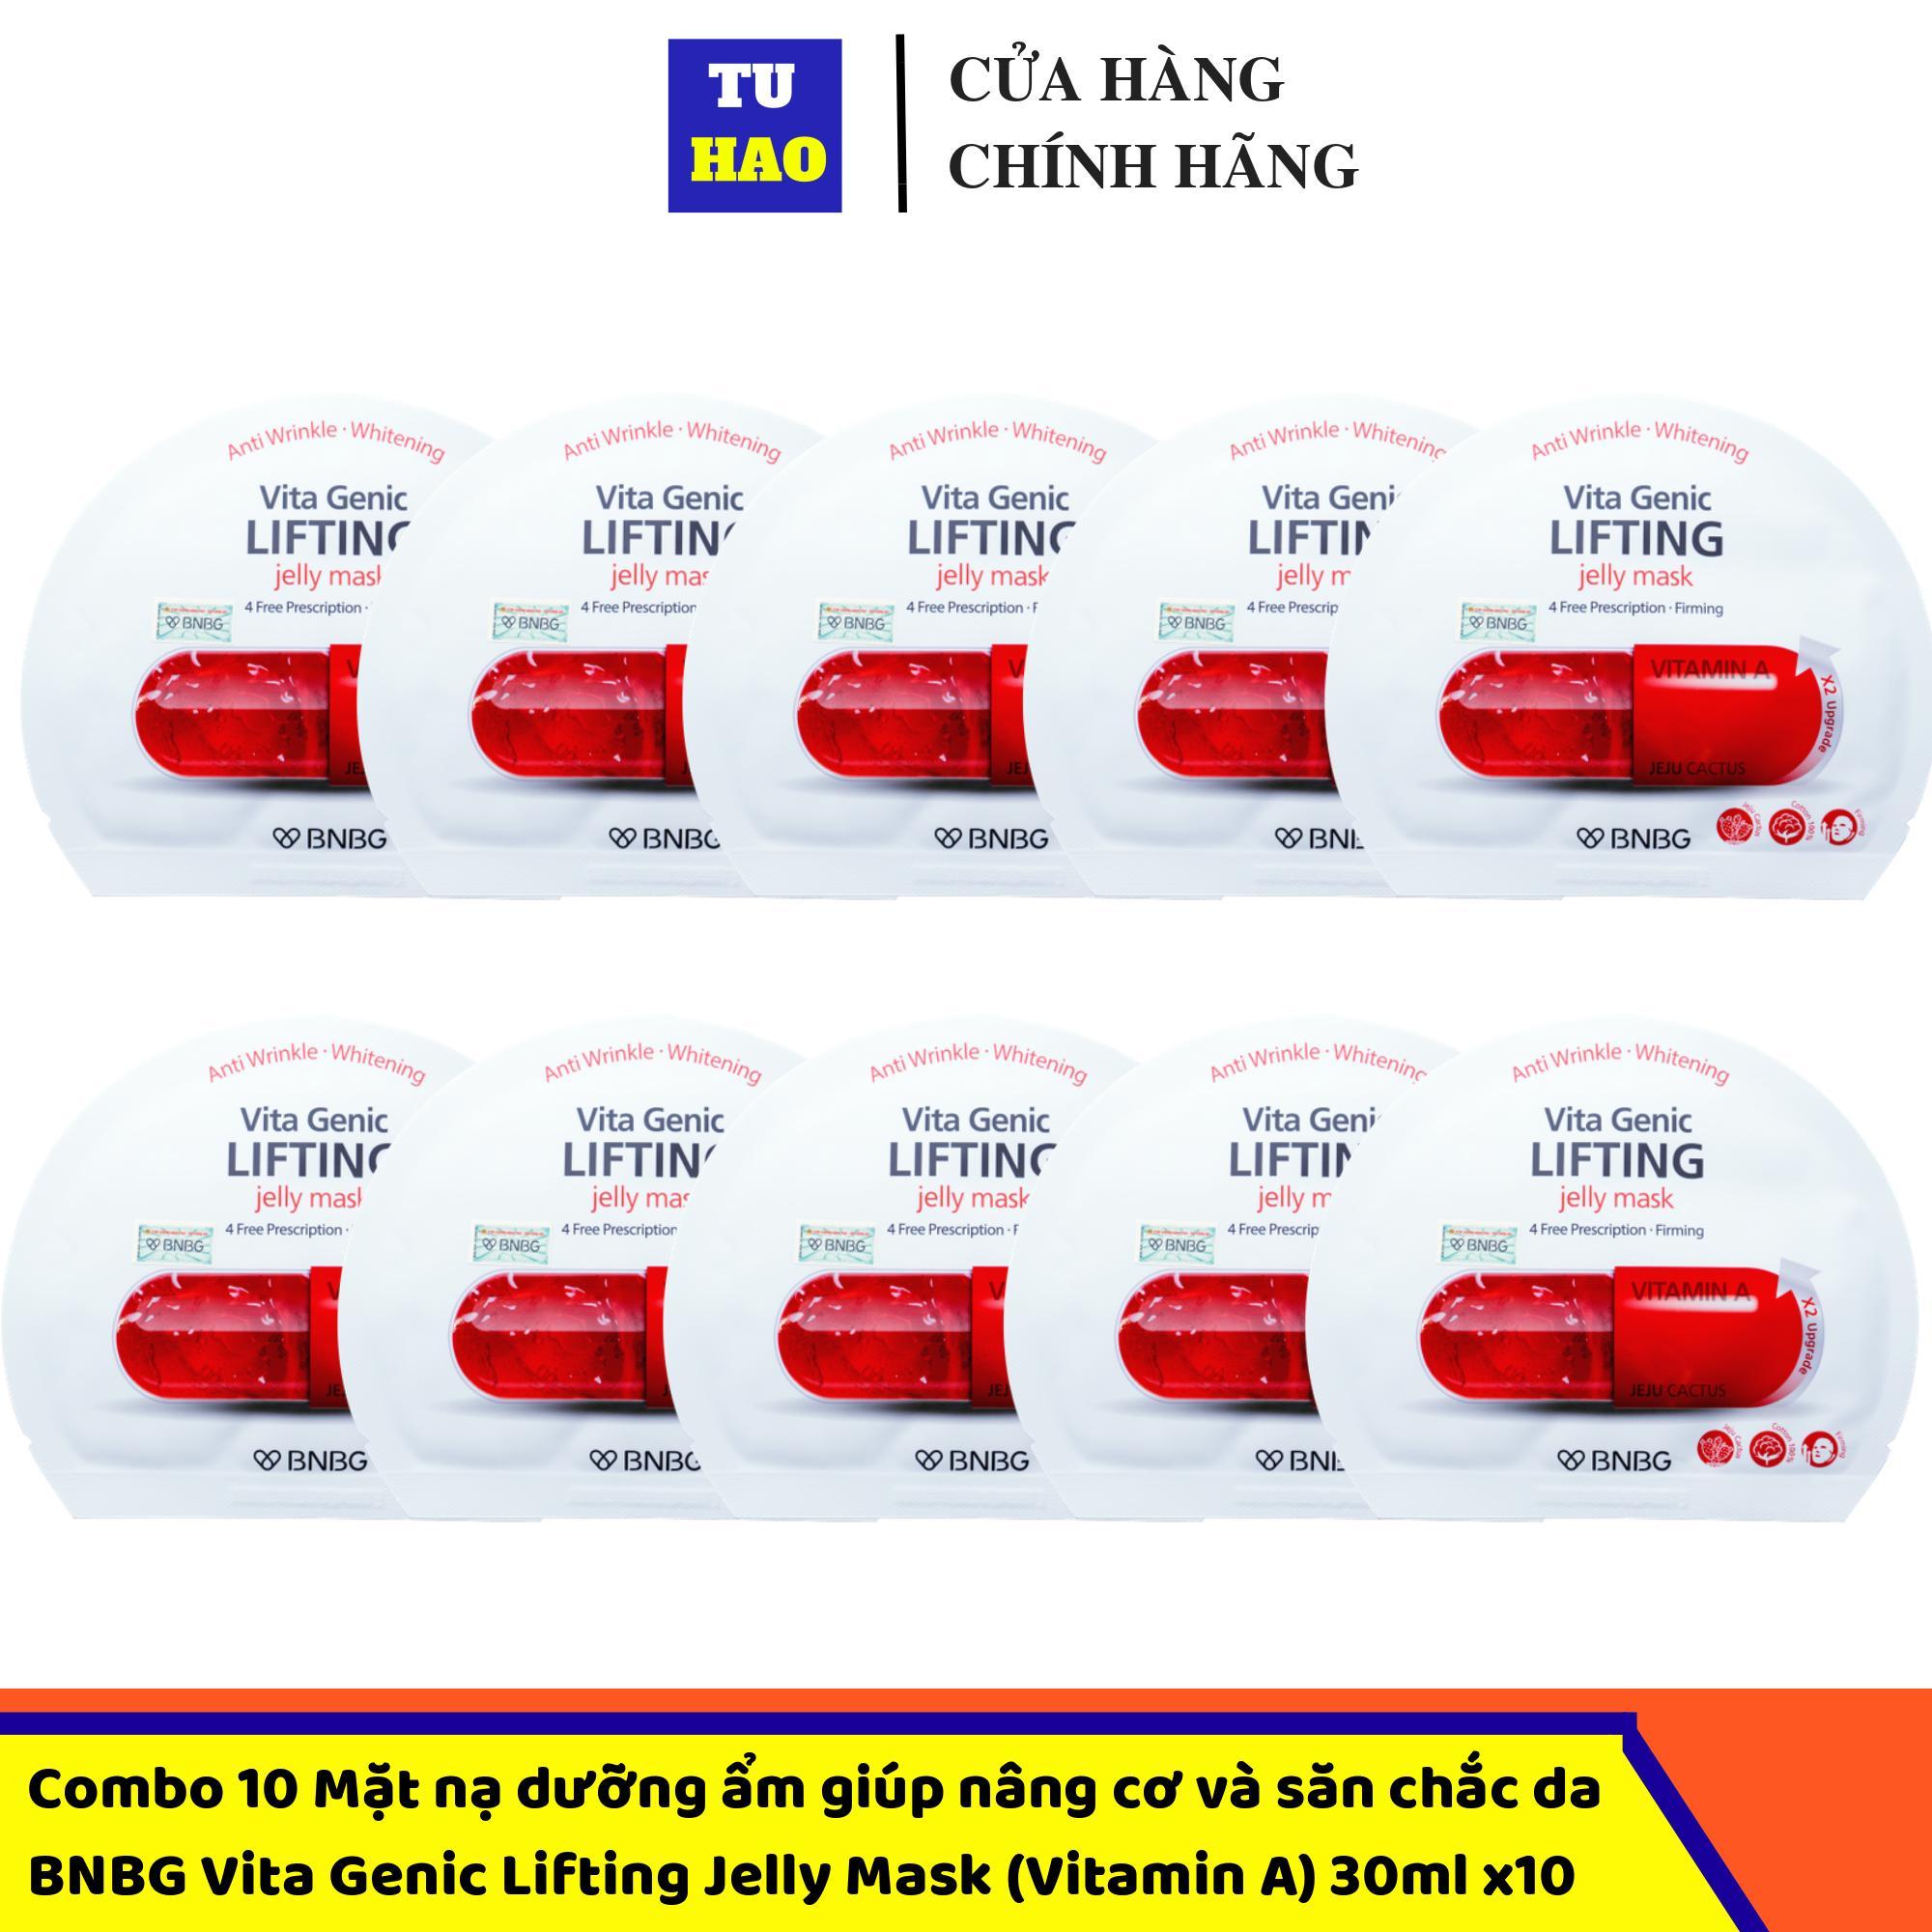 Hộp 10 Mặt nạ dưỡng ẩm giúp nâng cơ và săn chắc da BNBG Vita Genic Lifting Jelly Mask (Vitamin A) 30mlx10 cao cấp